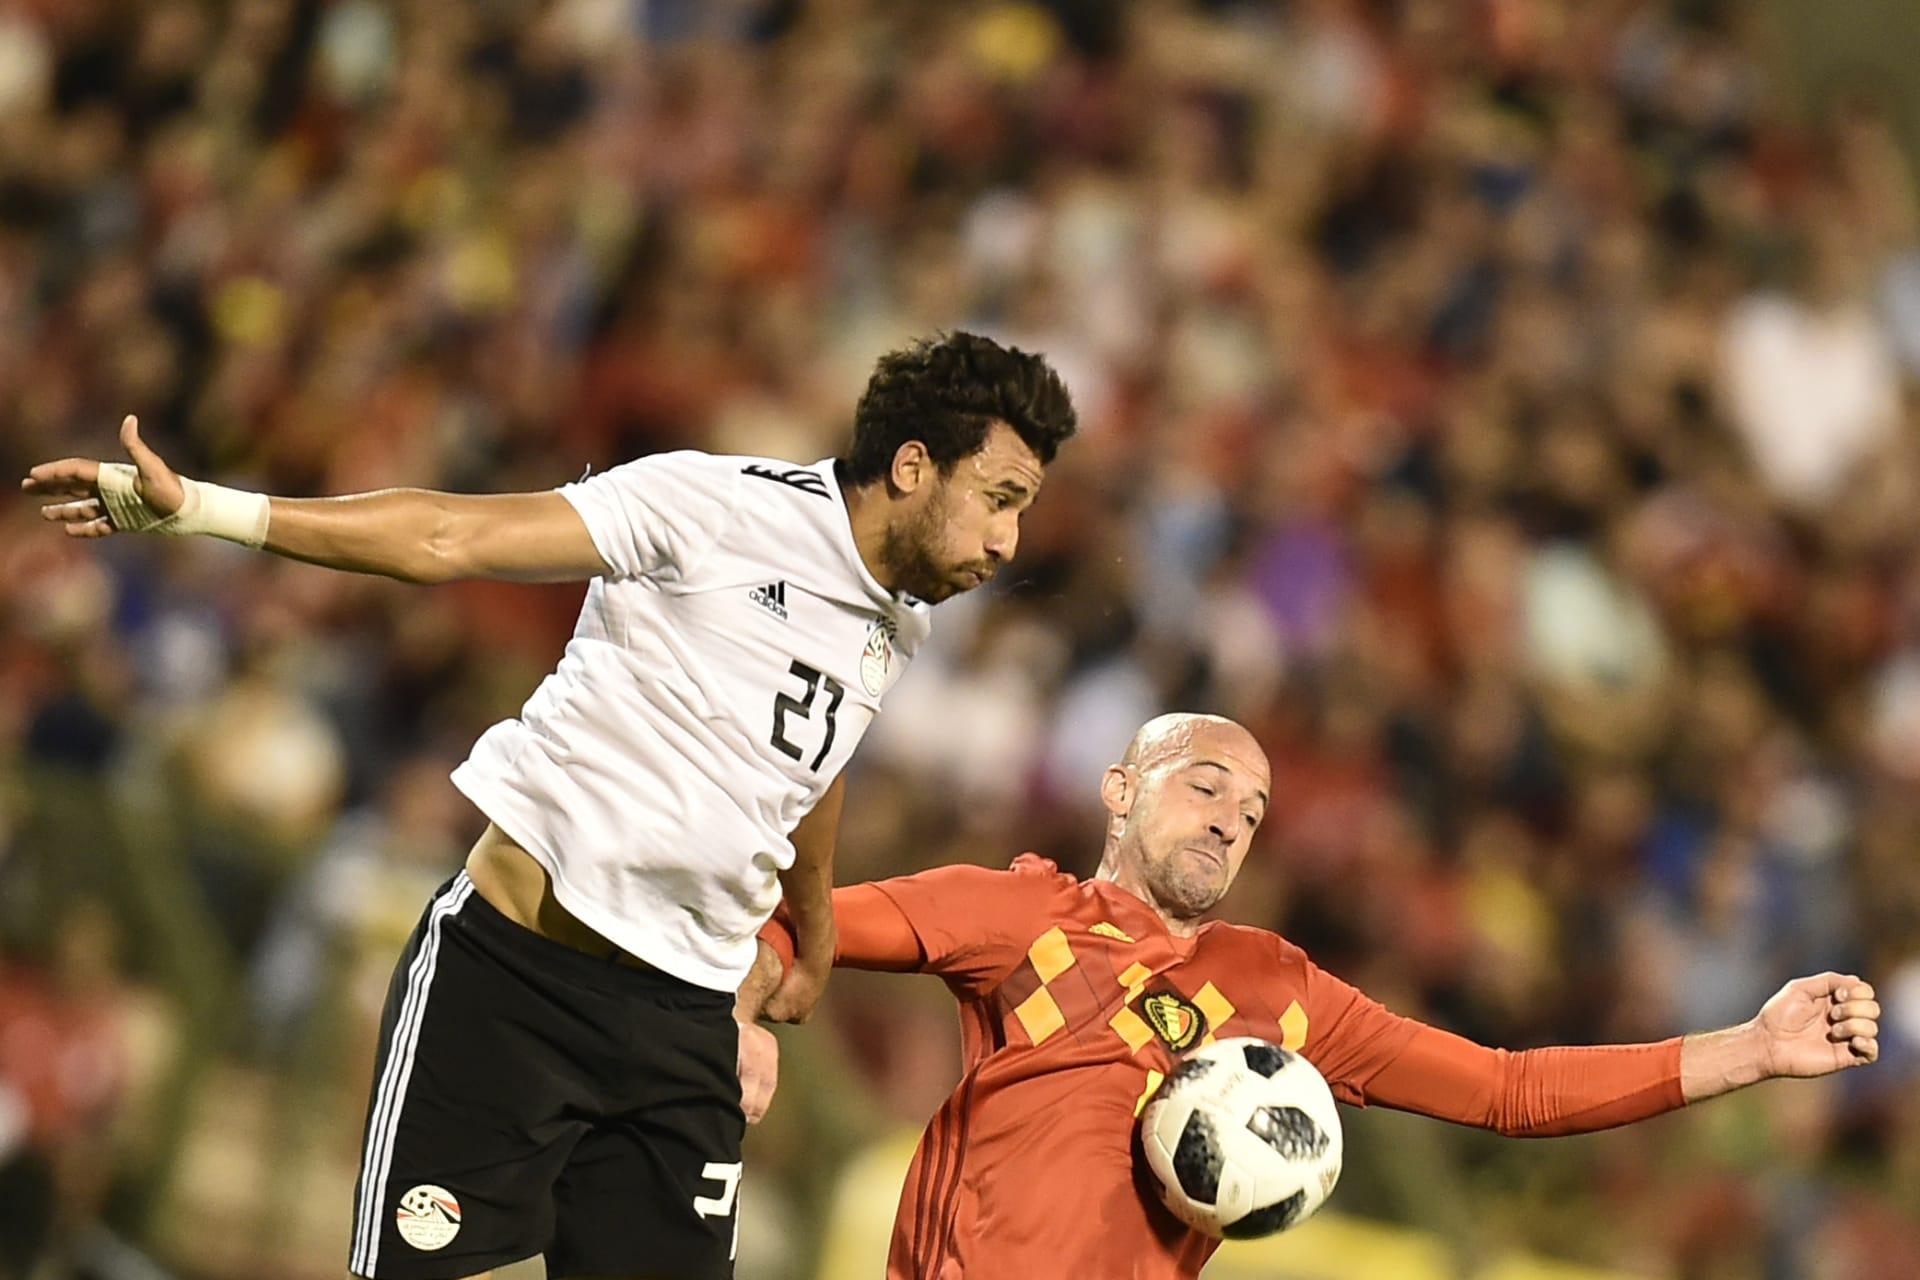 مصر تخسر أمام بلجيكا في آخر التجارب الودية قبل المونديال